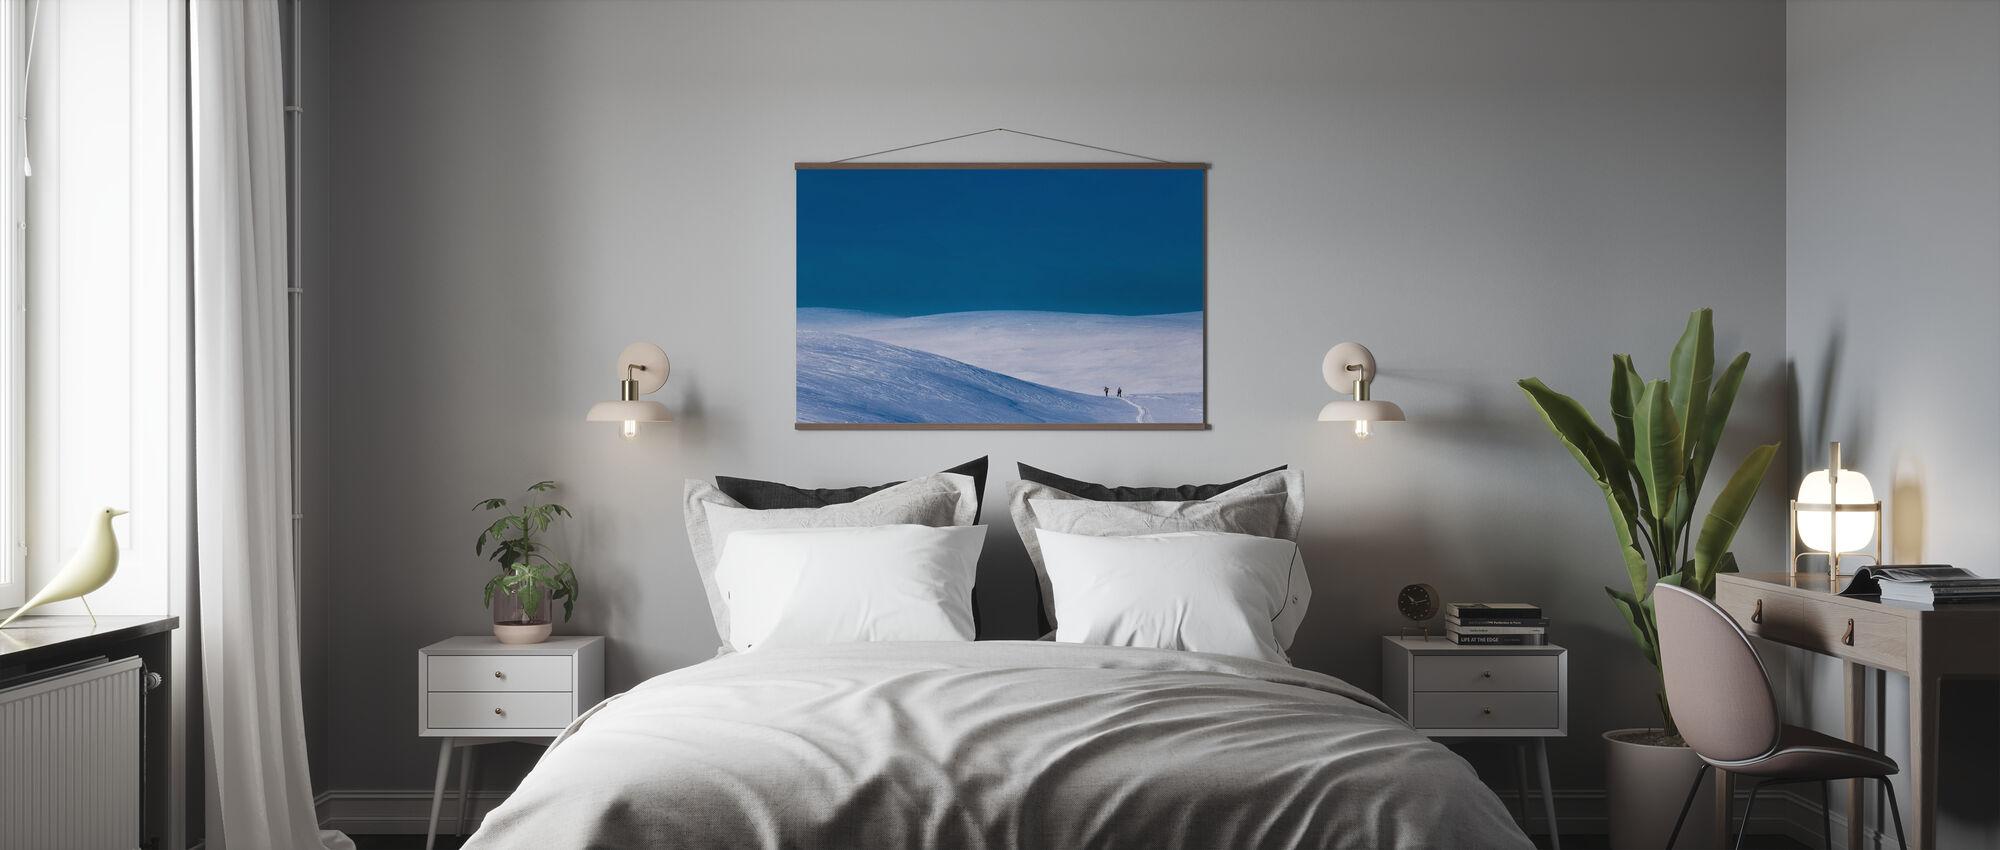 Bydalsfjällen (Jamtland) - Poster - Schlafzimmer